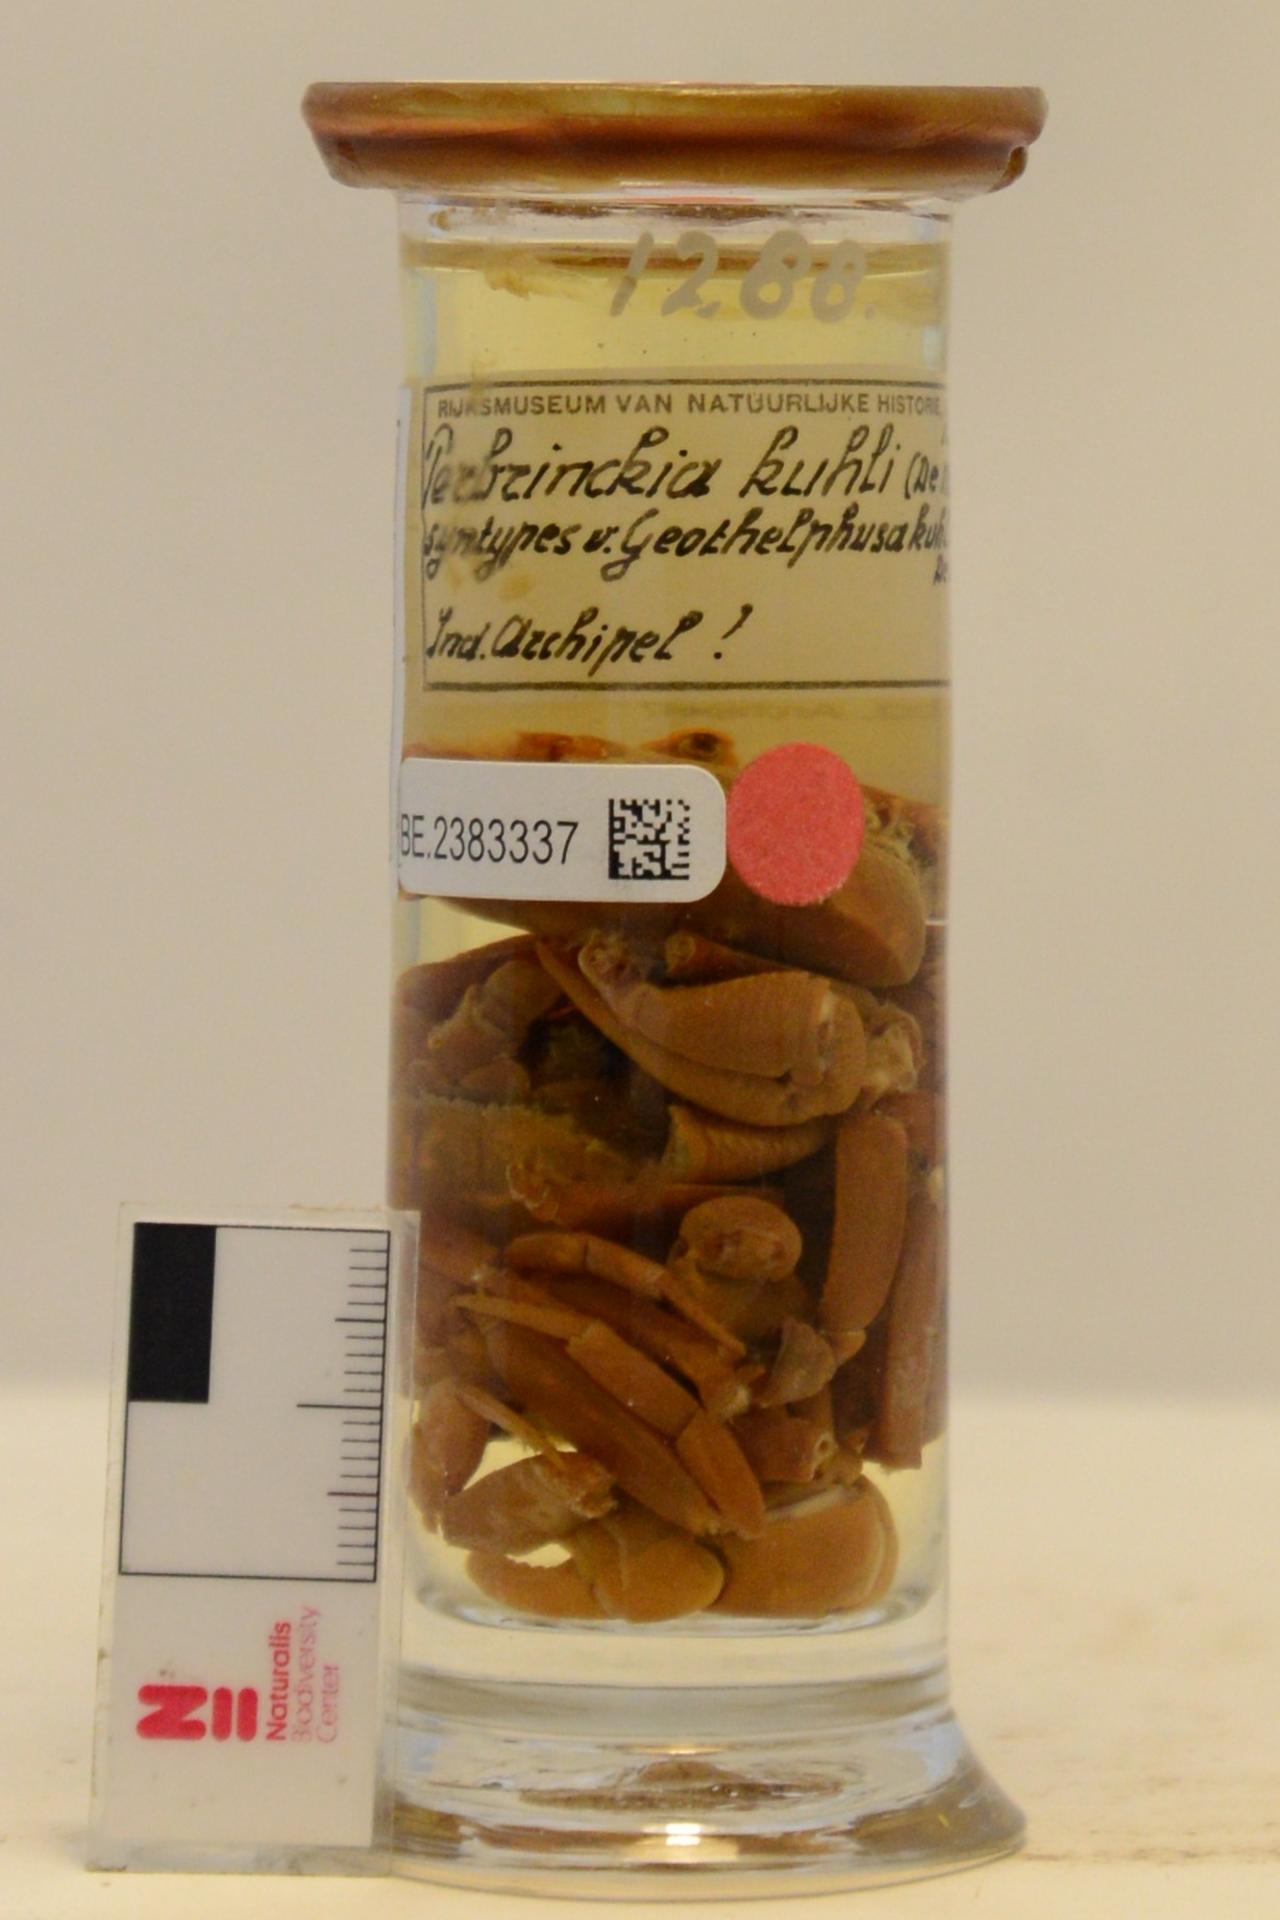 RMNH.CRUS.D.1288   Perbrinckia kuhli (De Man, 1883)